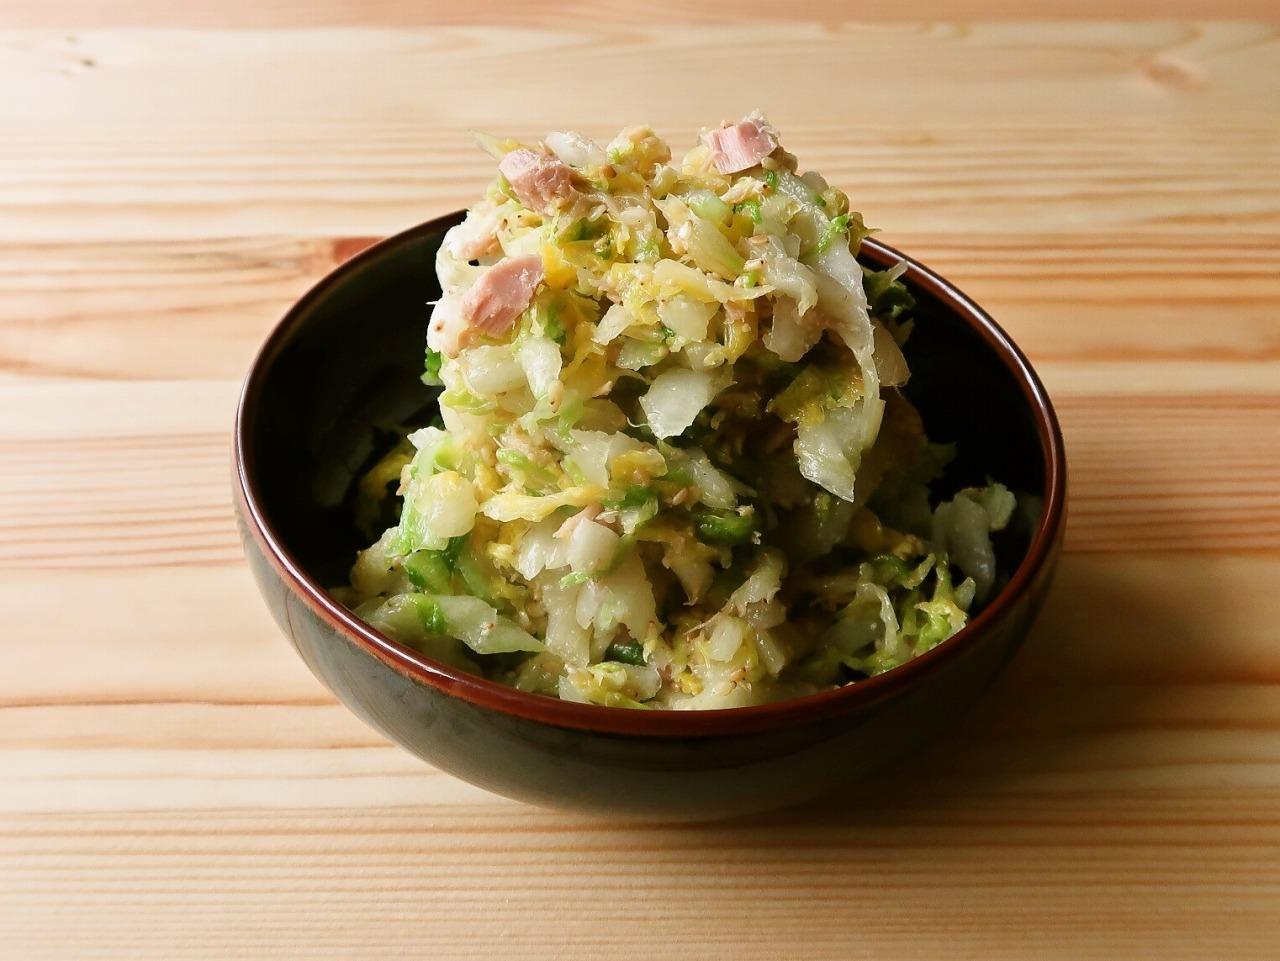 【野菜ひとつ】大量消費 白菜のツナごまサラダ